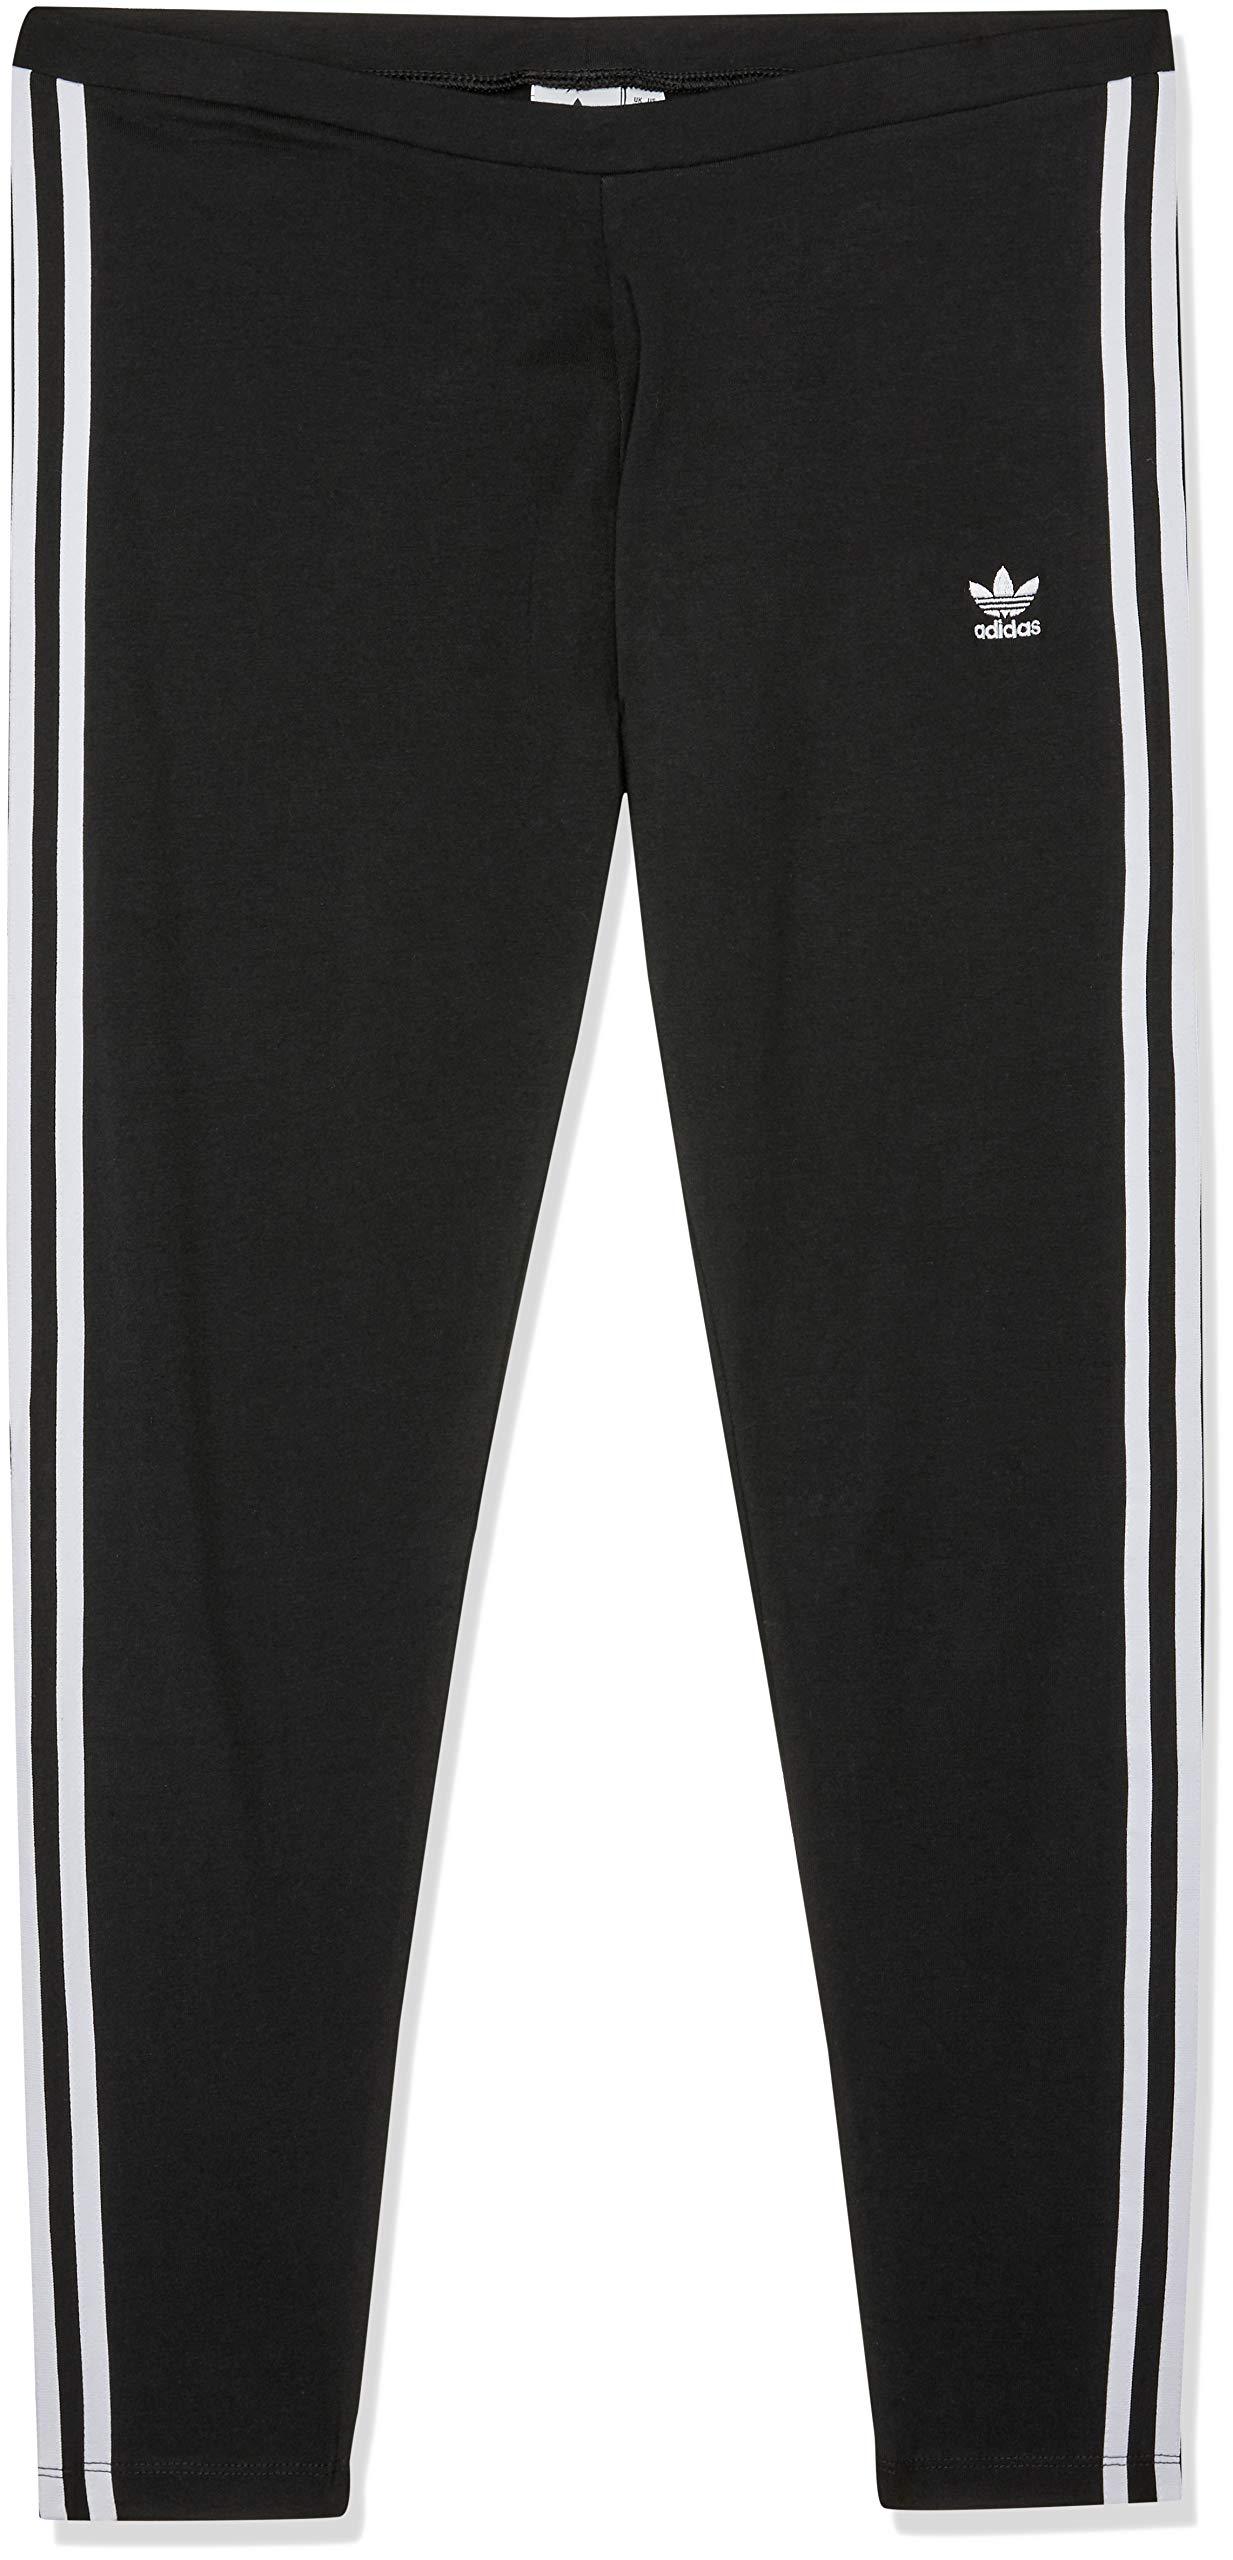 adidas Originals 3 Stripe Leggings 14 Reg Black